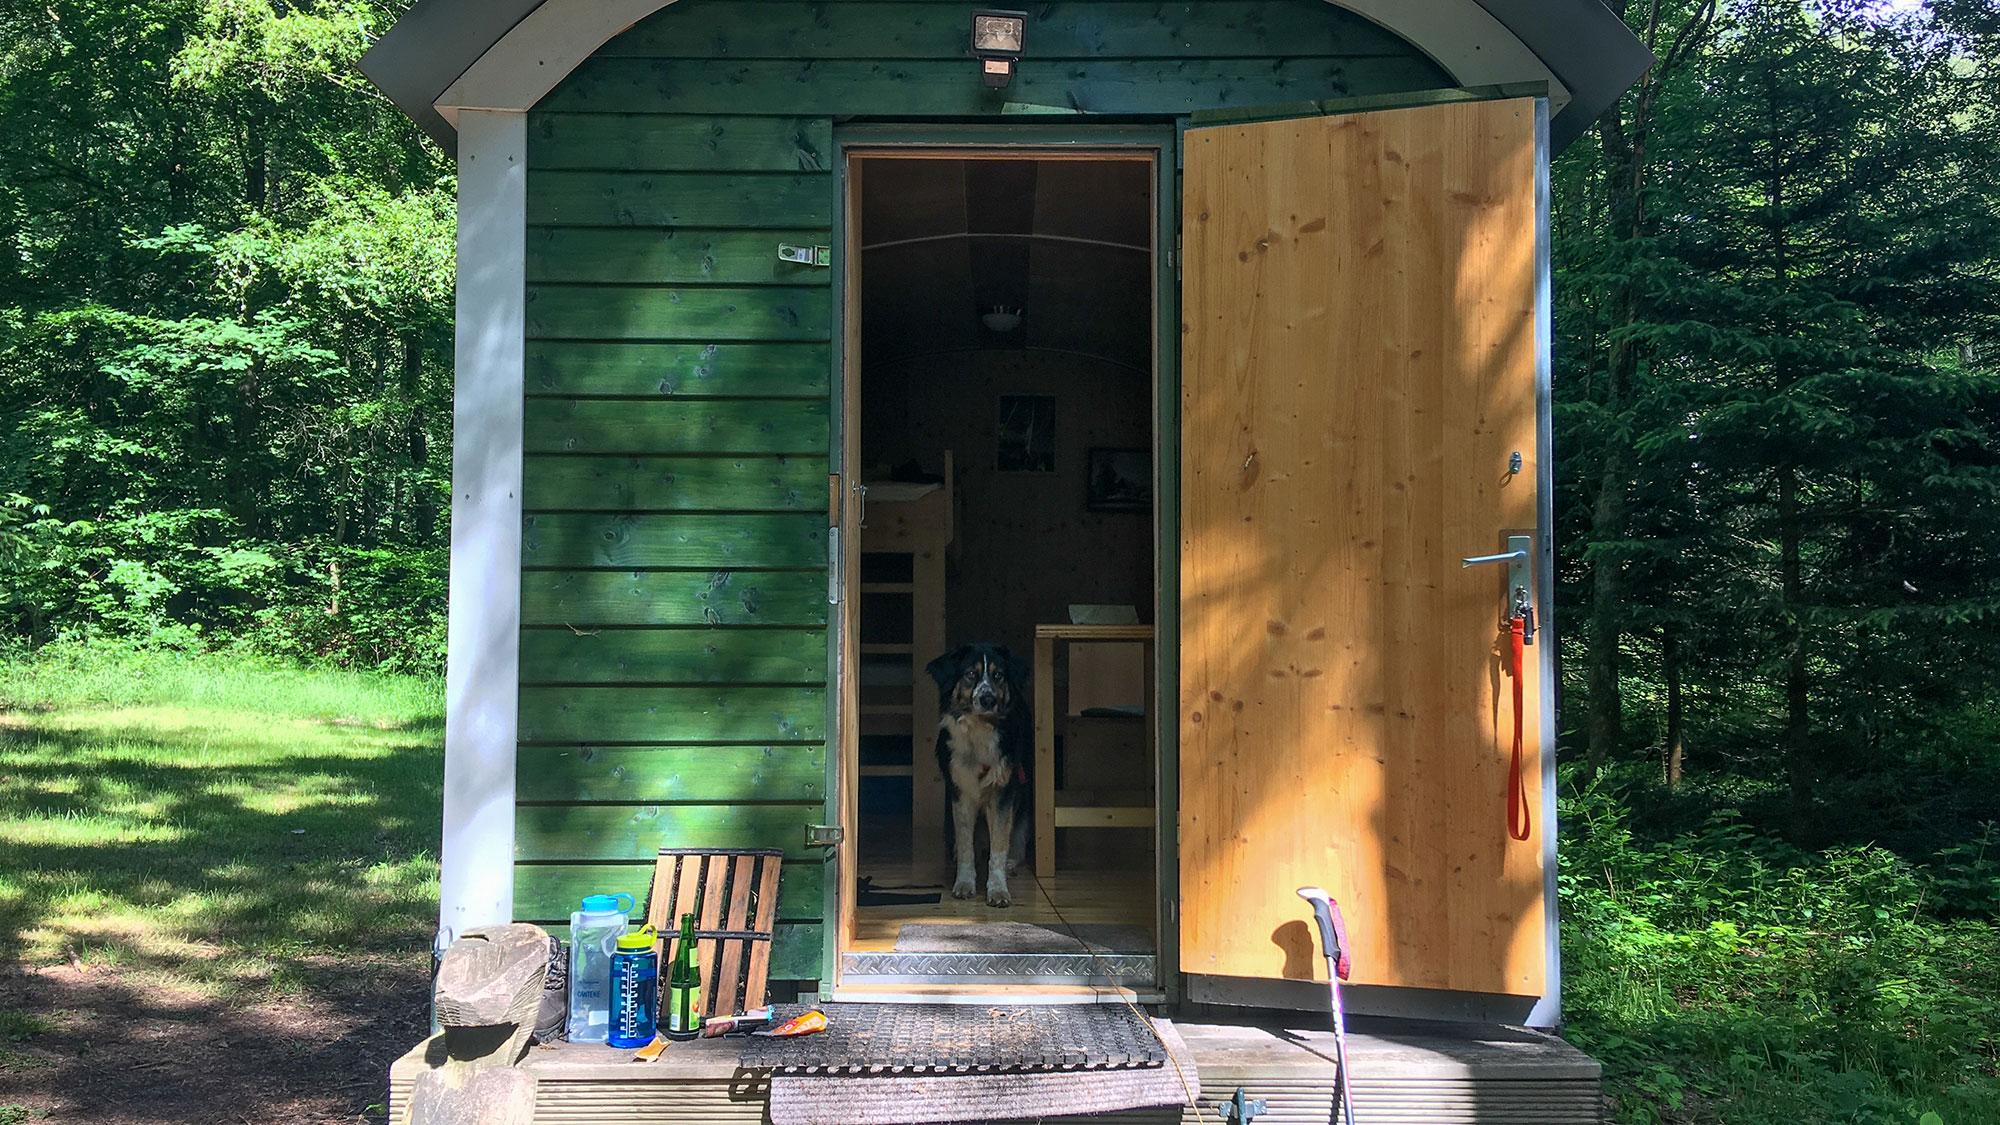 Bauwagen an der Lauschhütte mit Hund im Eingang